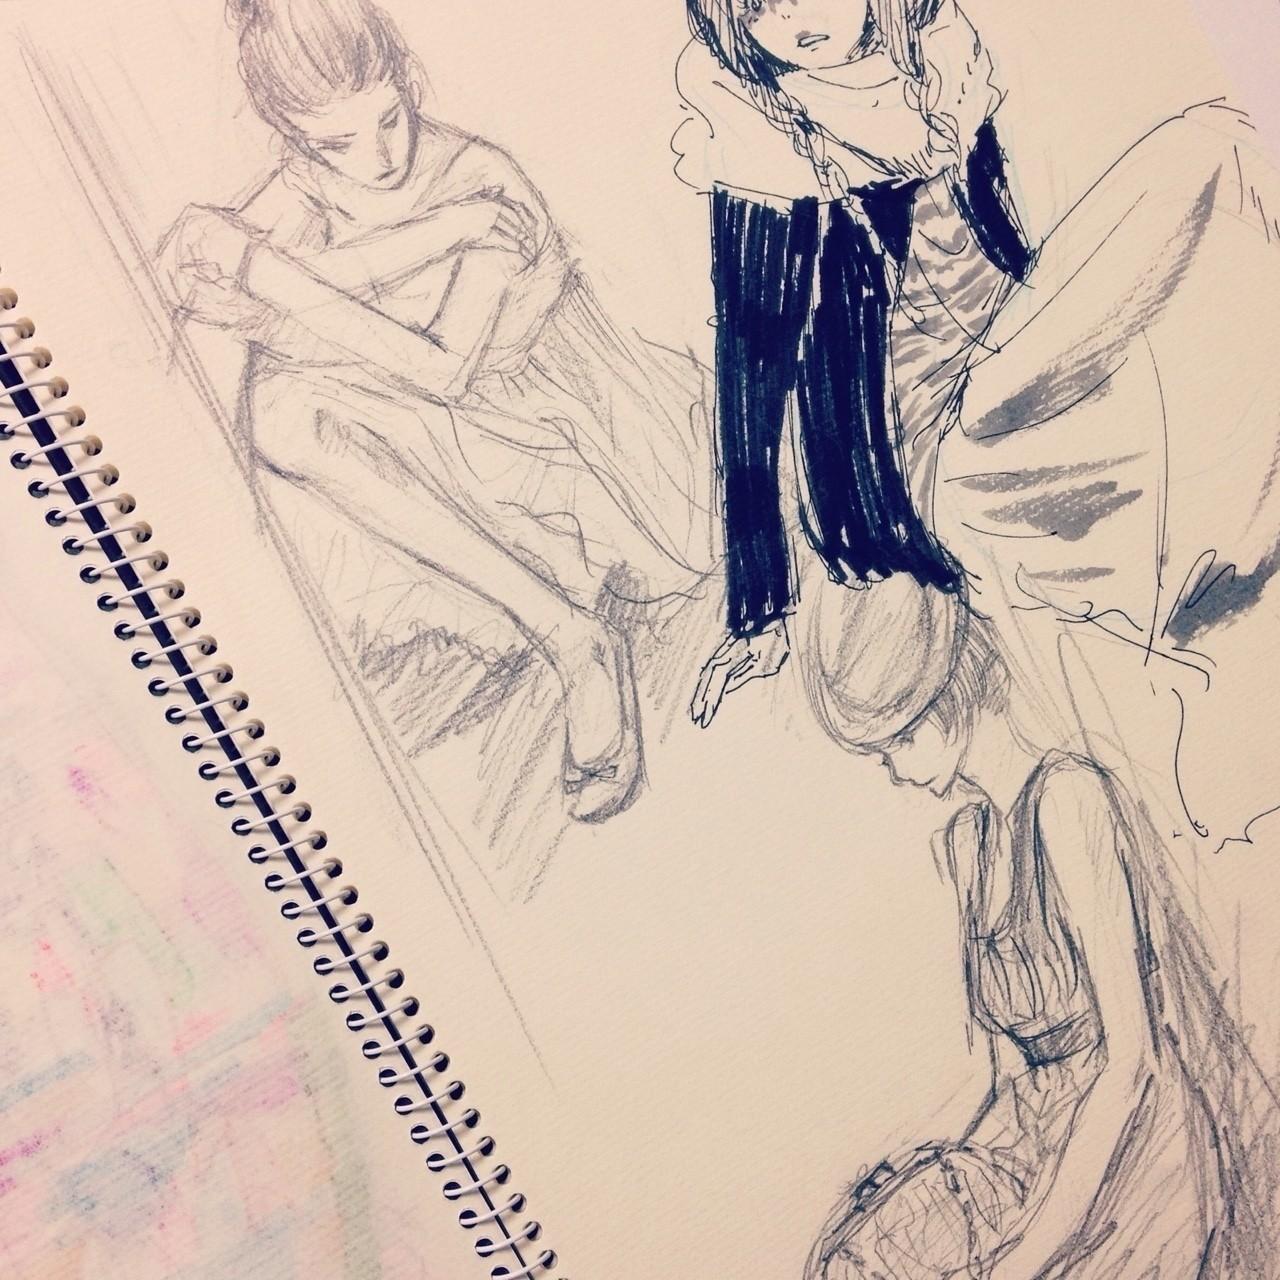 鉛筆で描くのが苦手というか飽きやすいので、結局途中からボールペンになったやつ。  #sketch